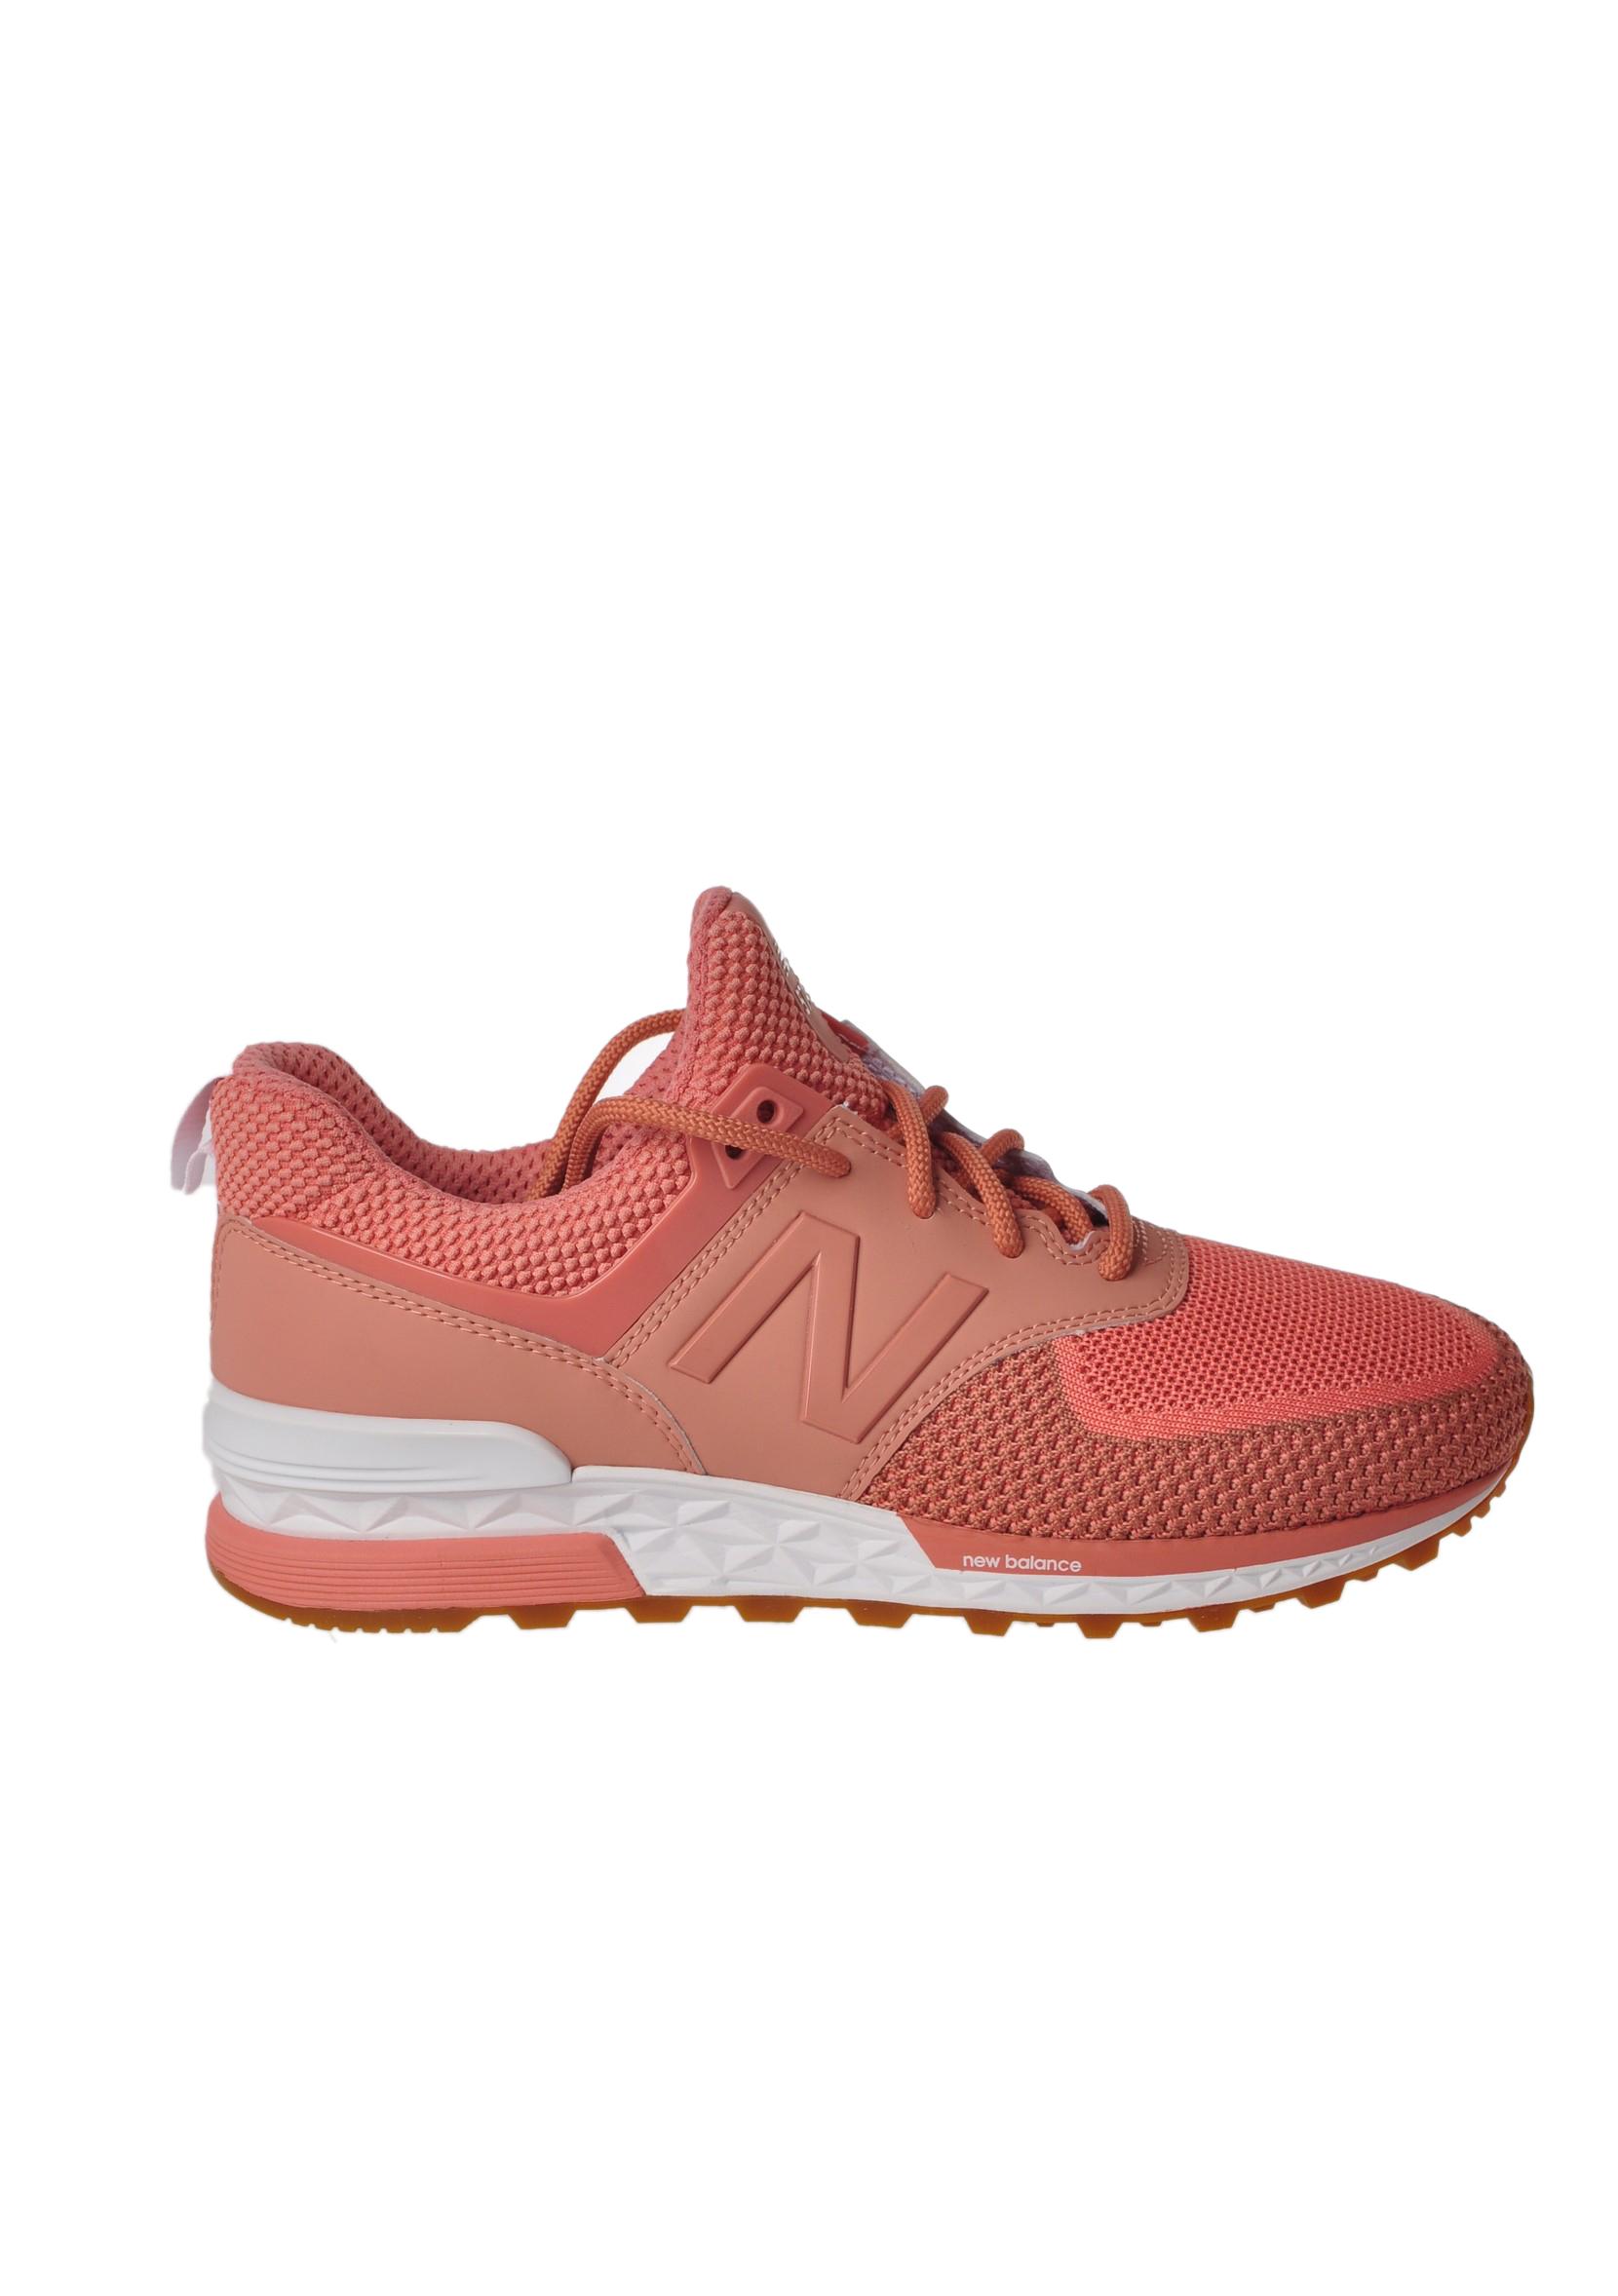 Balance 574 New 574 Sneakers BasseBemymood Sneakers New Balance BasseBemymood TlF31JcuK5